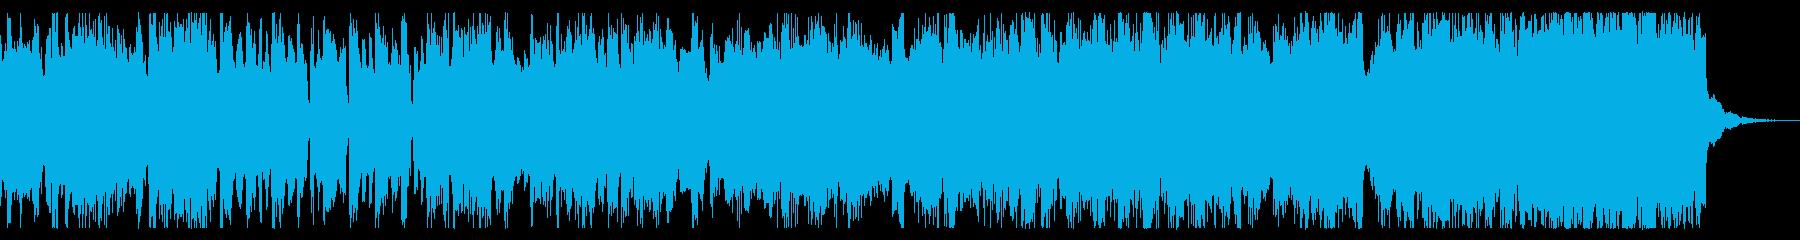 コミカル、軽快なチップチューンの再生済みの波形